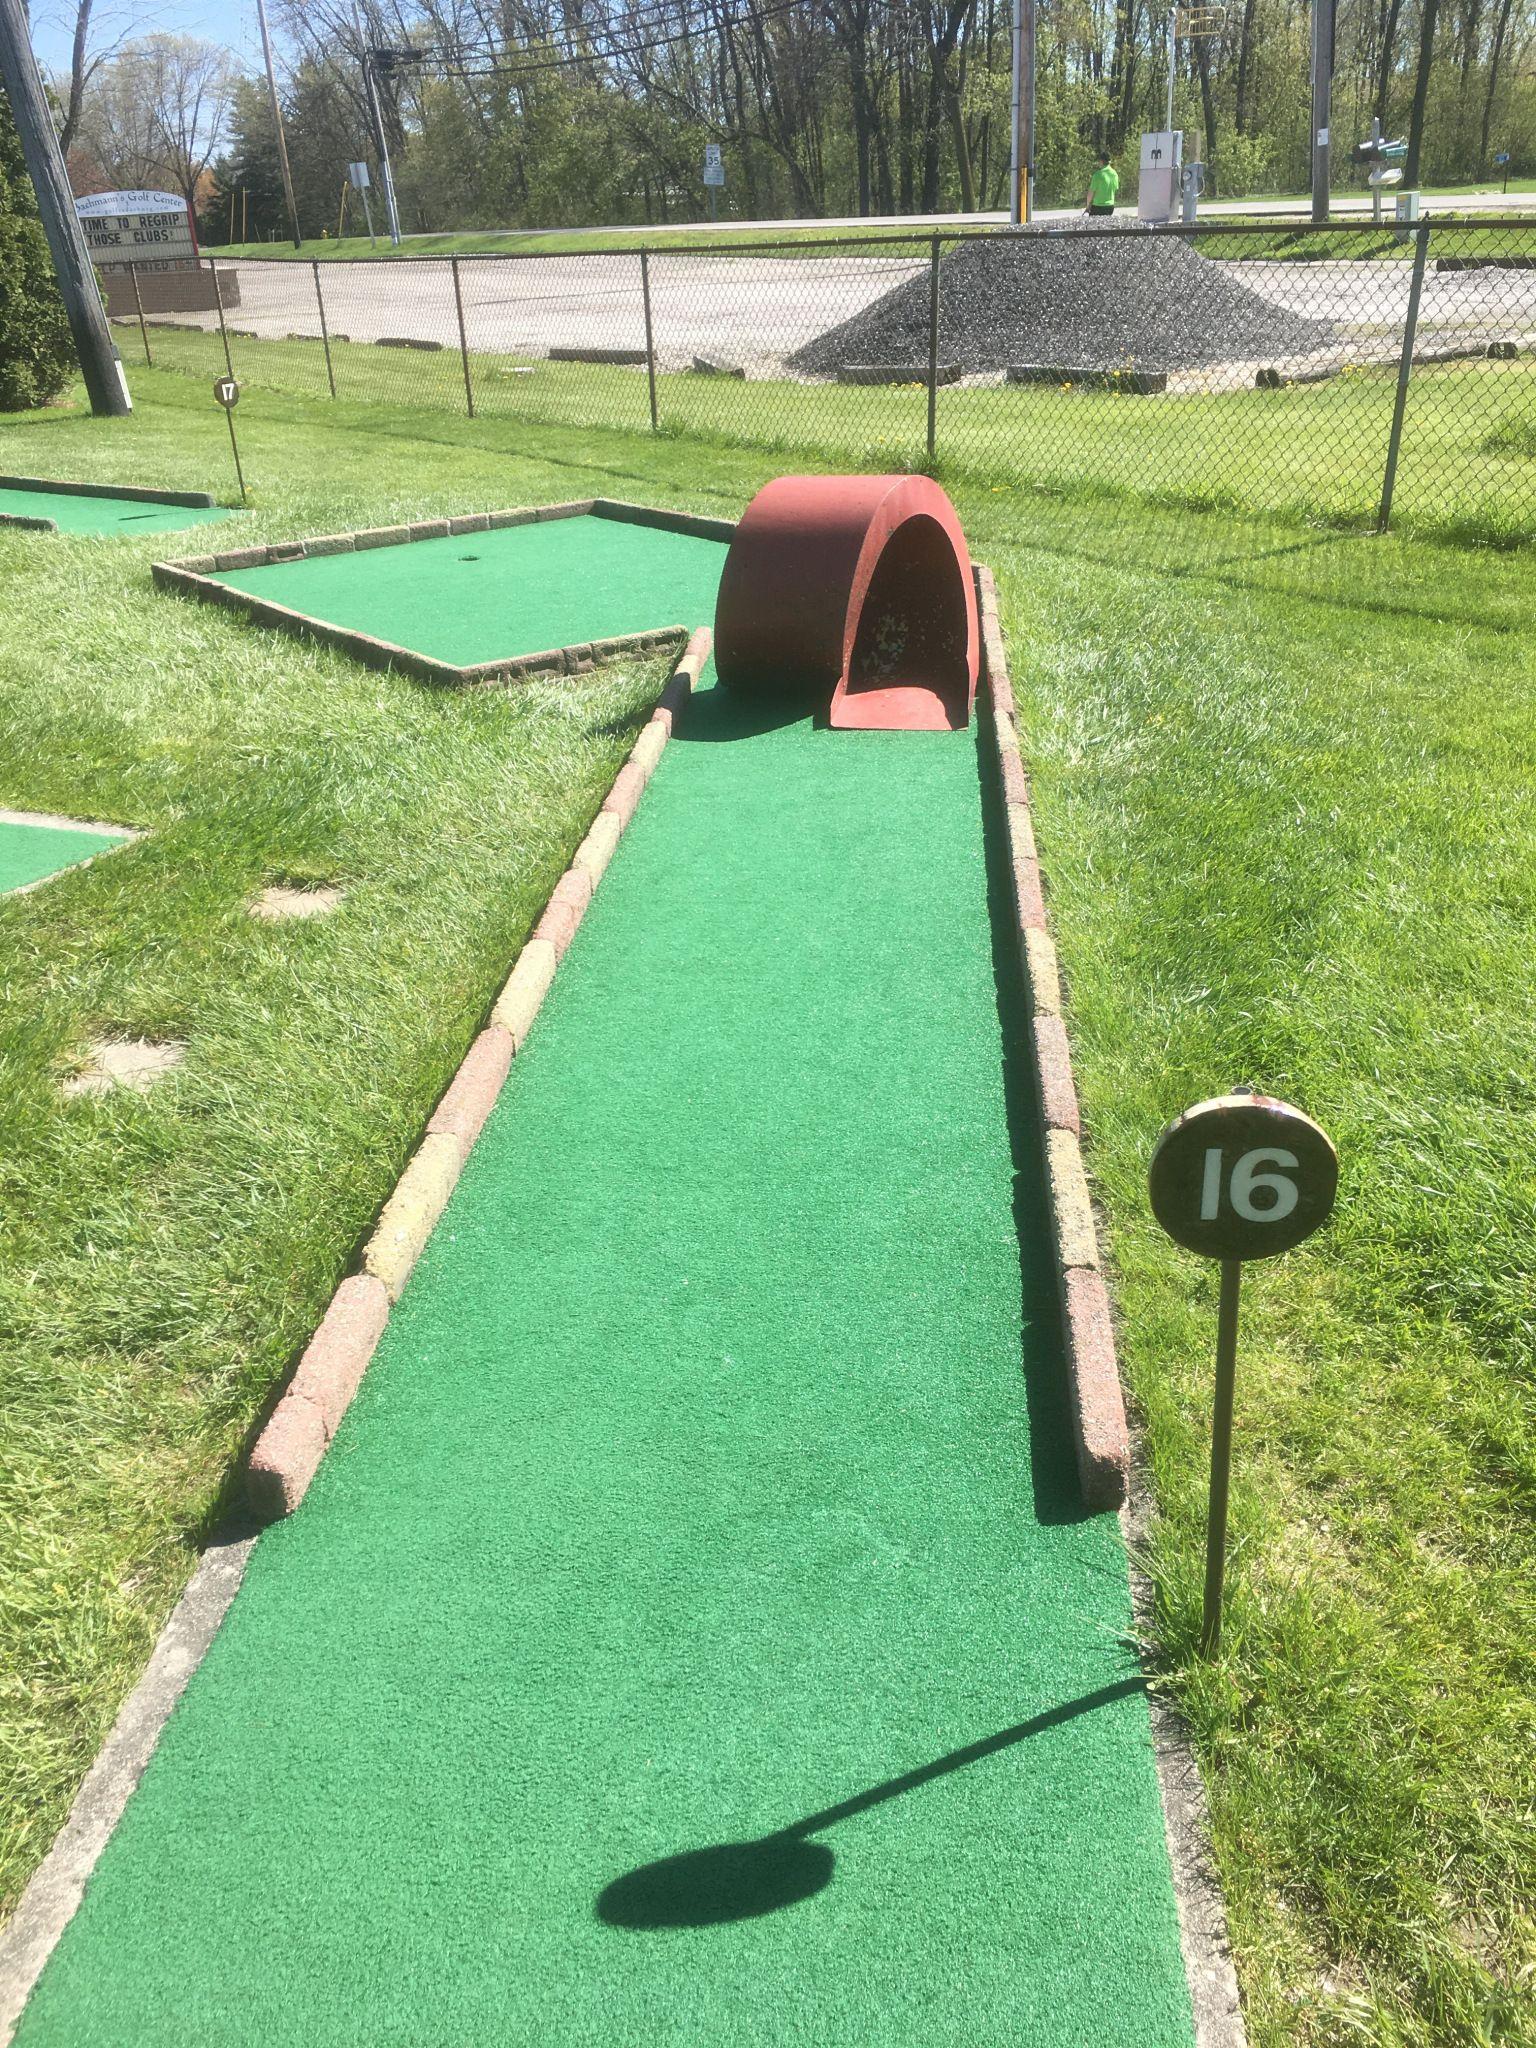 Baehmann S Golf Center Mini Golf Reviews Mini Golf Miniature Golf Course Golf Courses